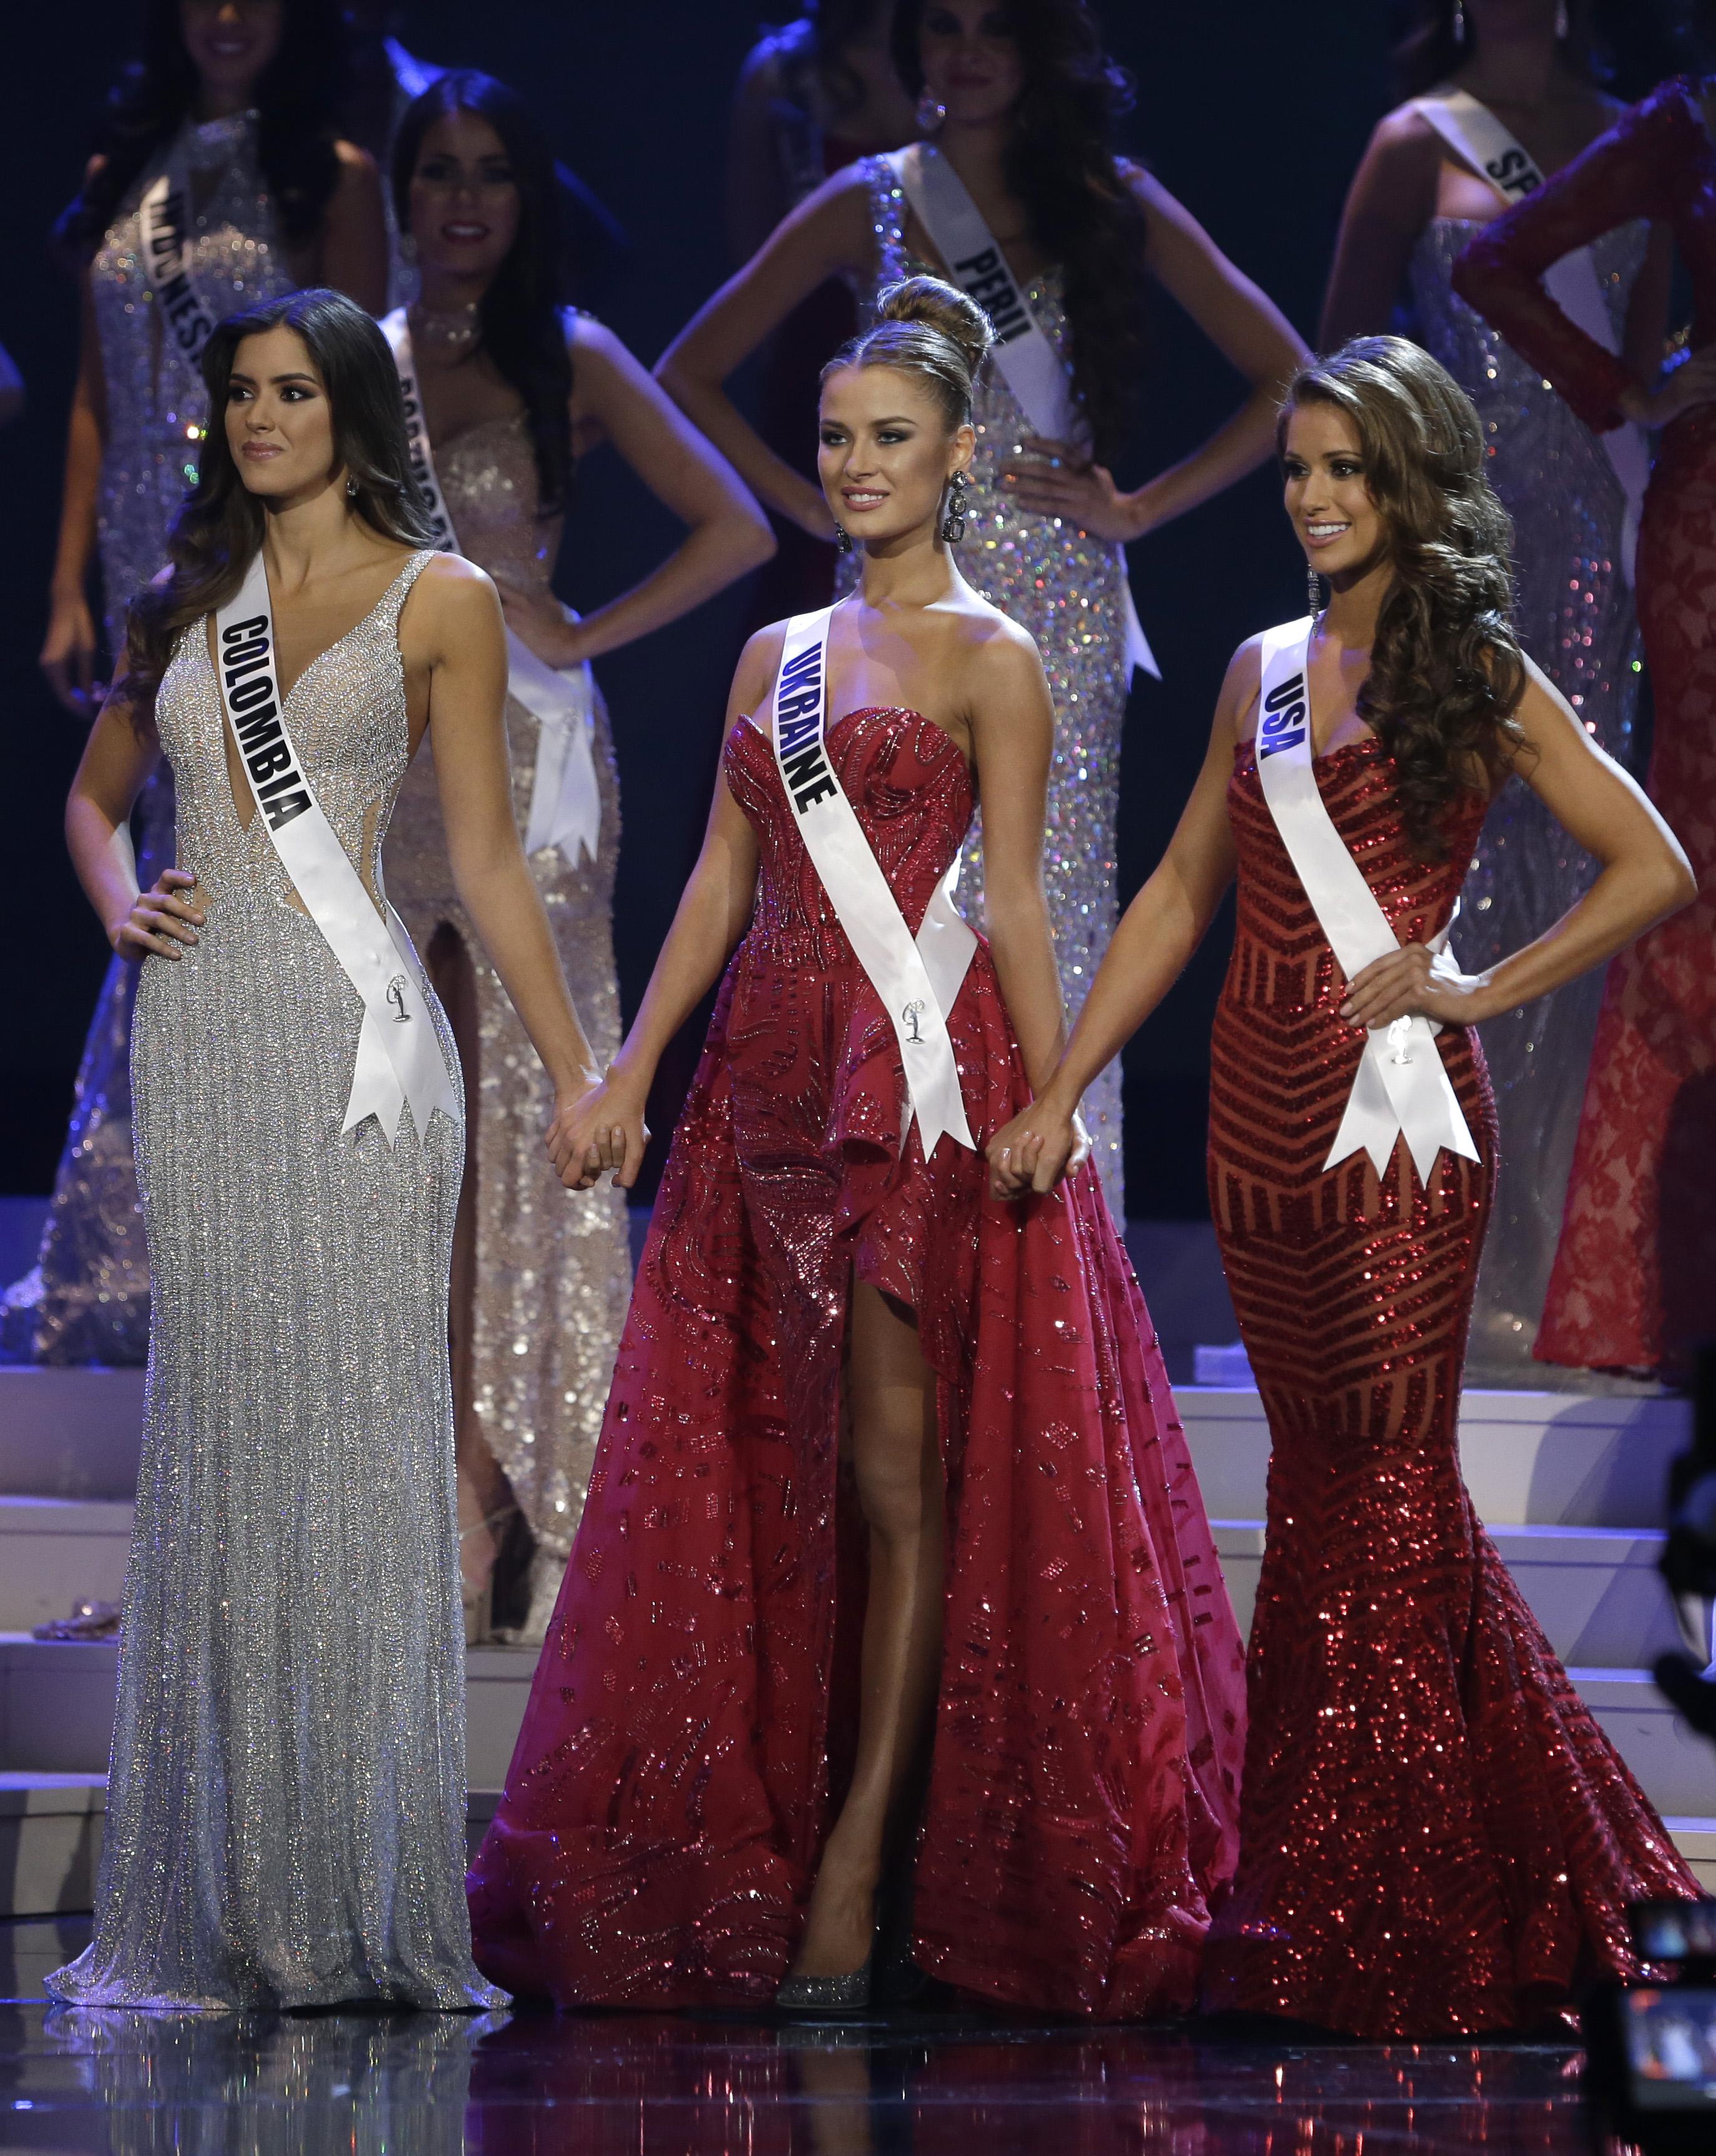 Украинка (в центре) заняла третье место на конкурсе Мисс Вселенная 2014